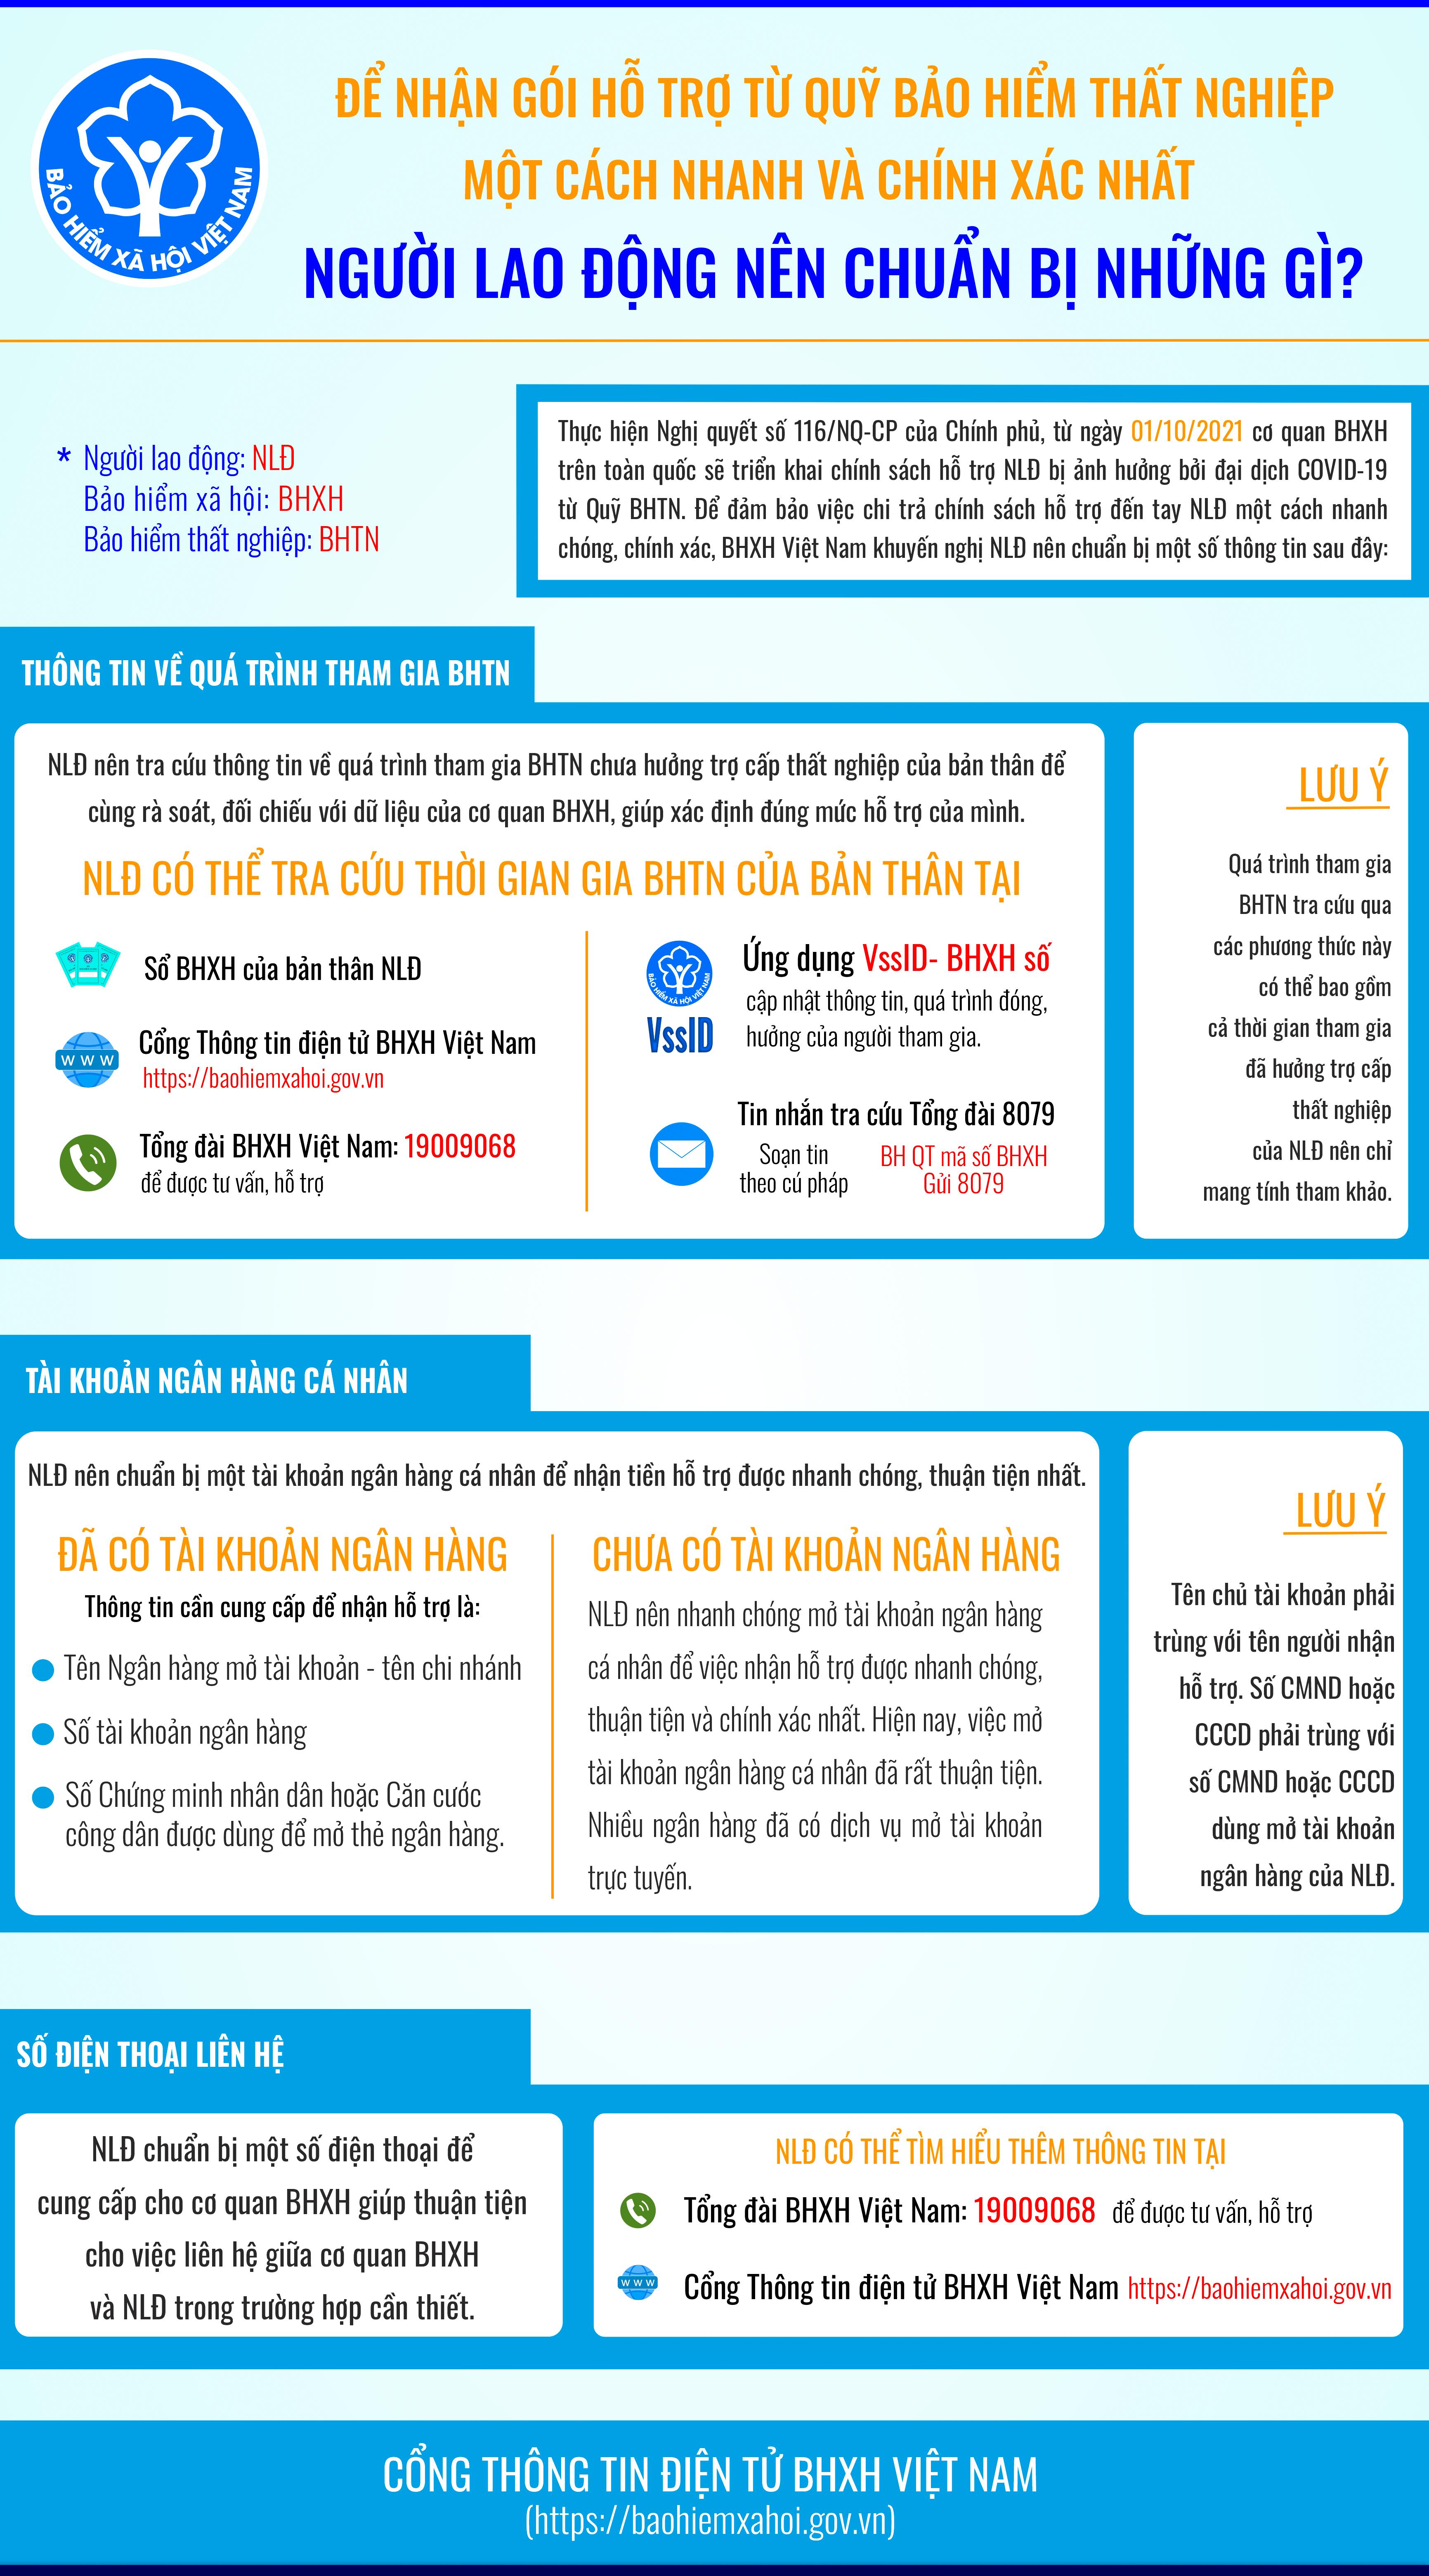 Inforgraphic hướng dẫn người dân những thứ cần chuẩn bị trước khi nhận trợ cấp từ quỹ bảo hiểm thất nghiệp theo Nghị quyết 116/NQ-CP (Nguồn: BHXH Việt Nam)